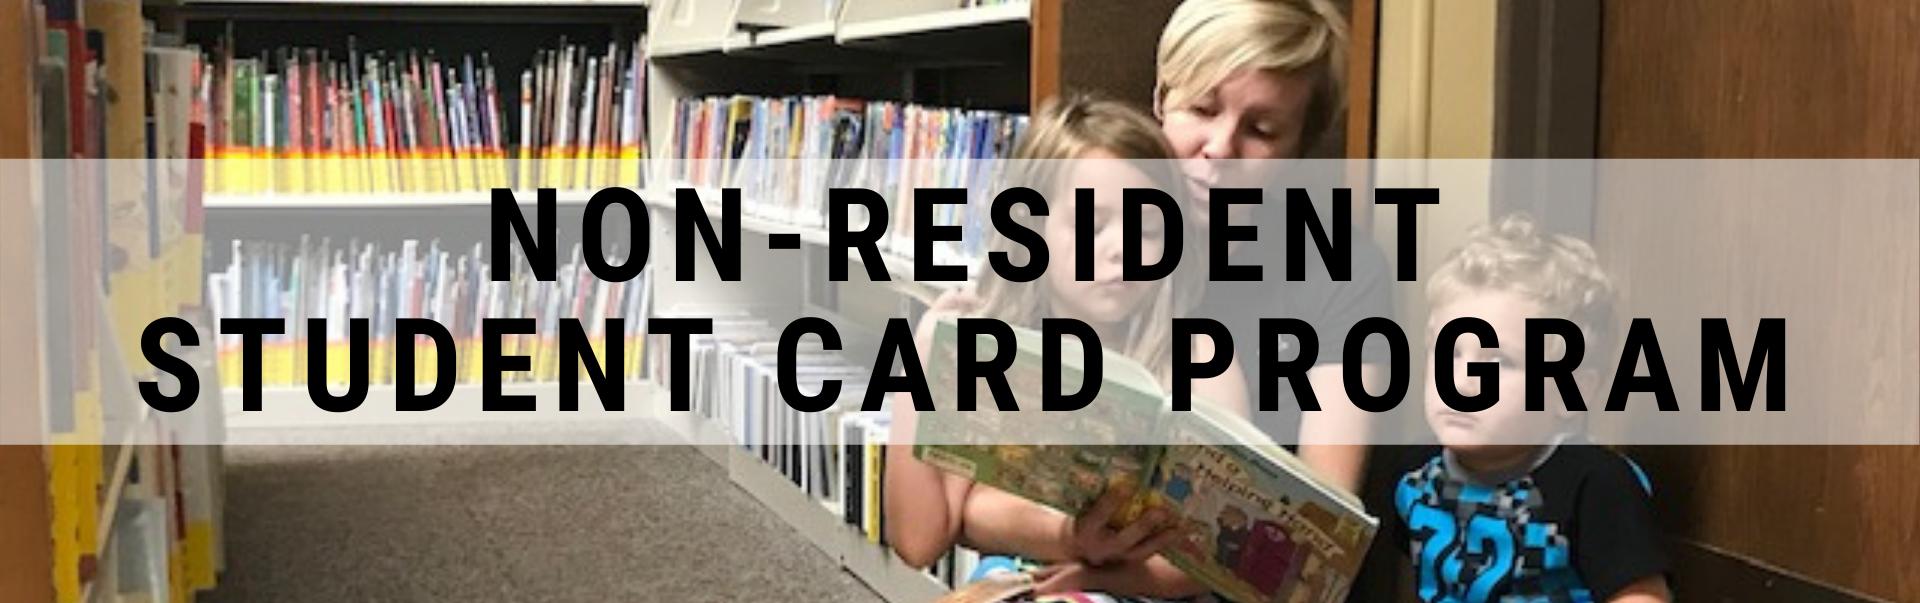 Non-resident Student Card Program